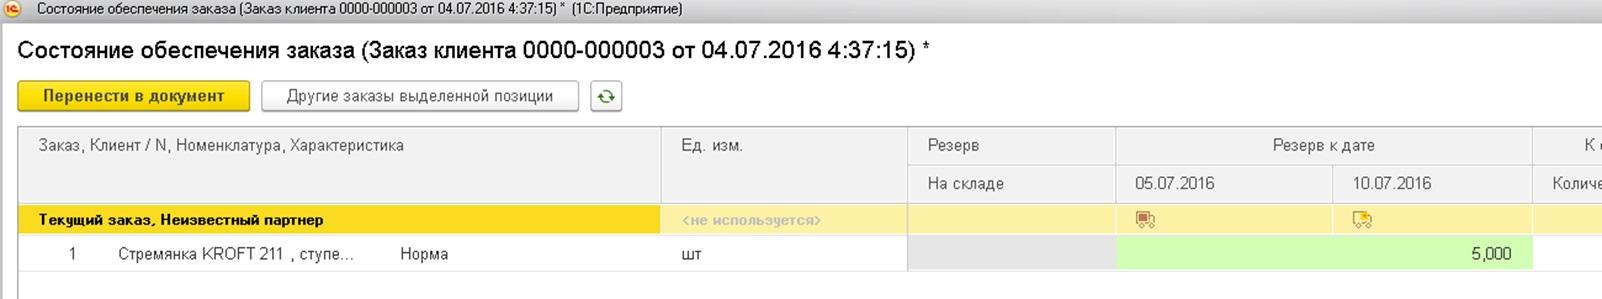 1s-erp-forma-sostoyaniya-obespecheniya-zakaza1